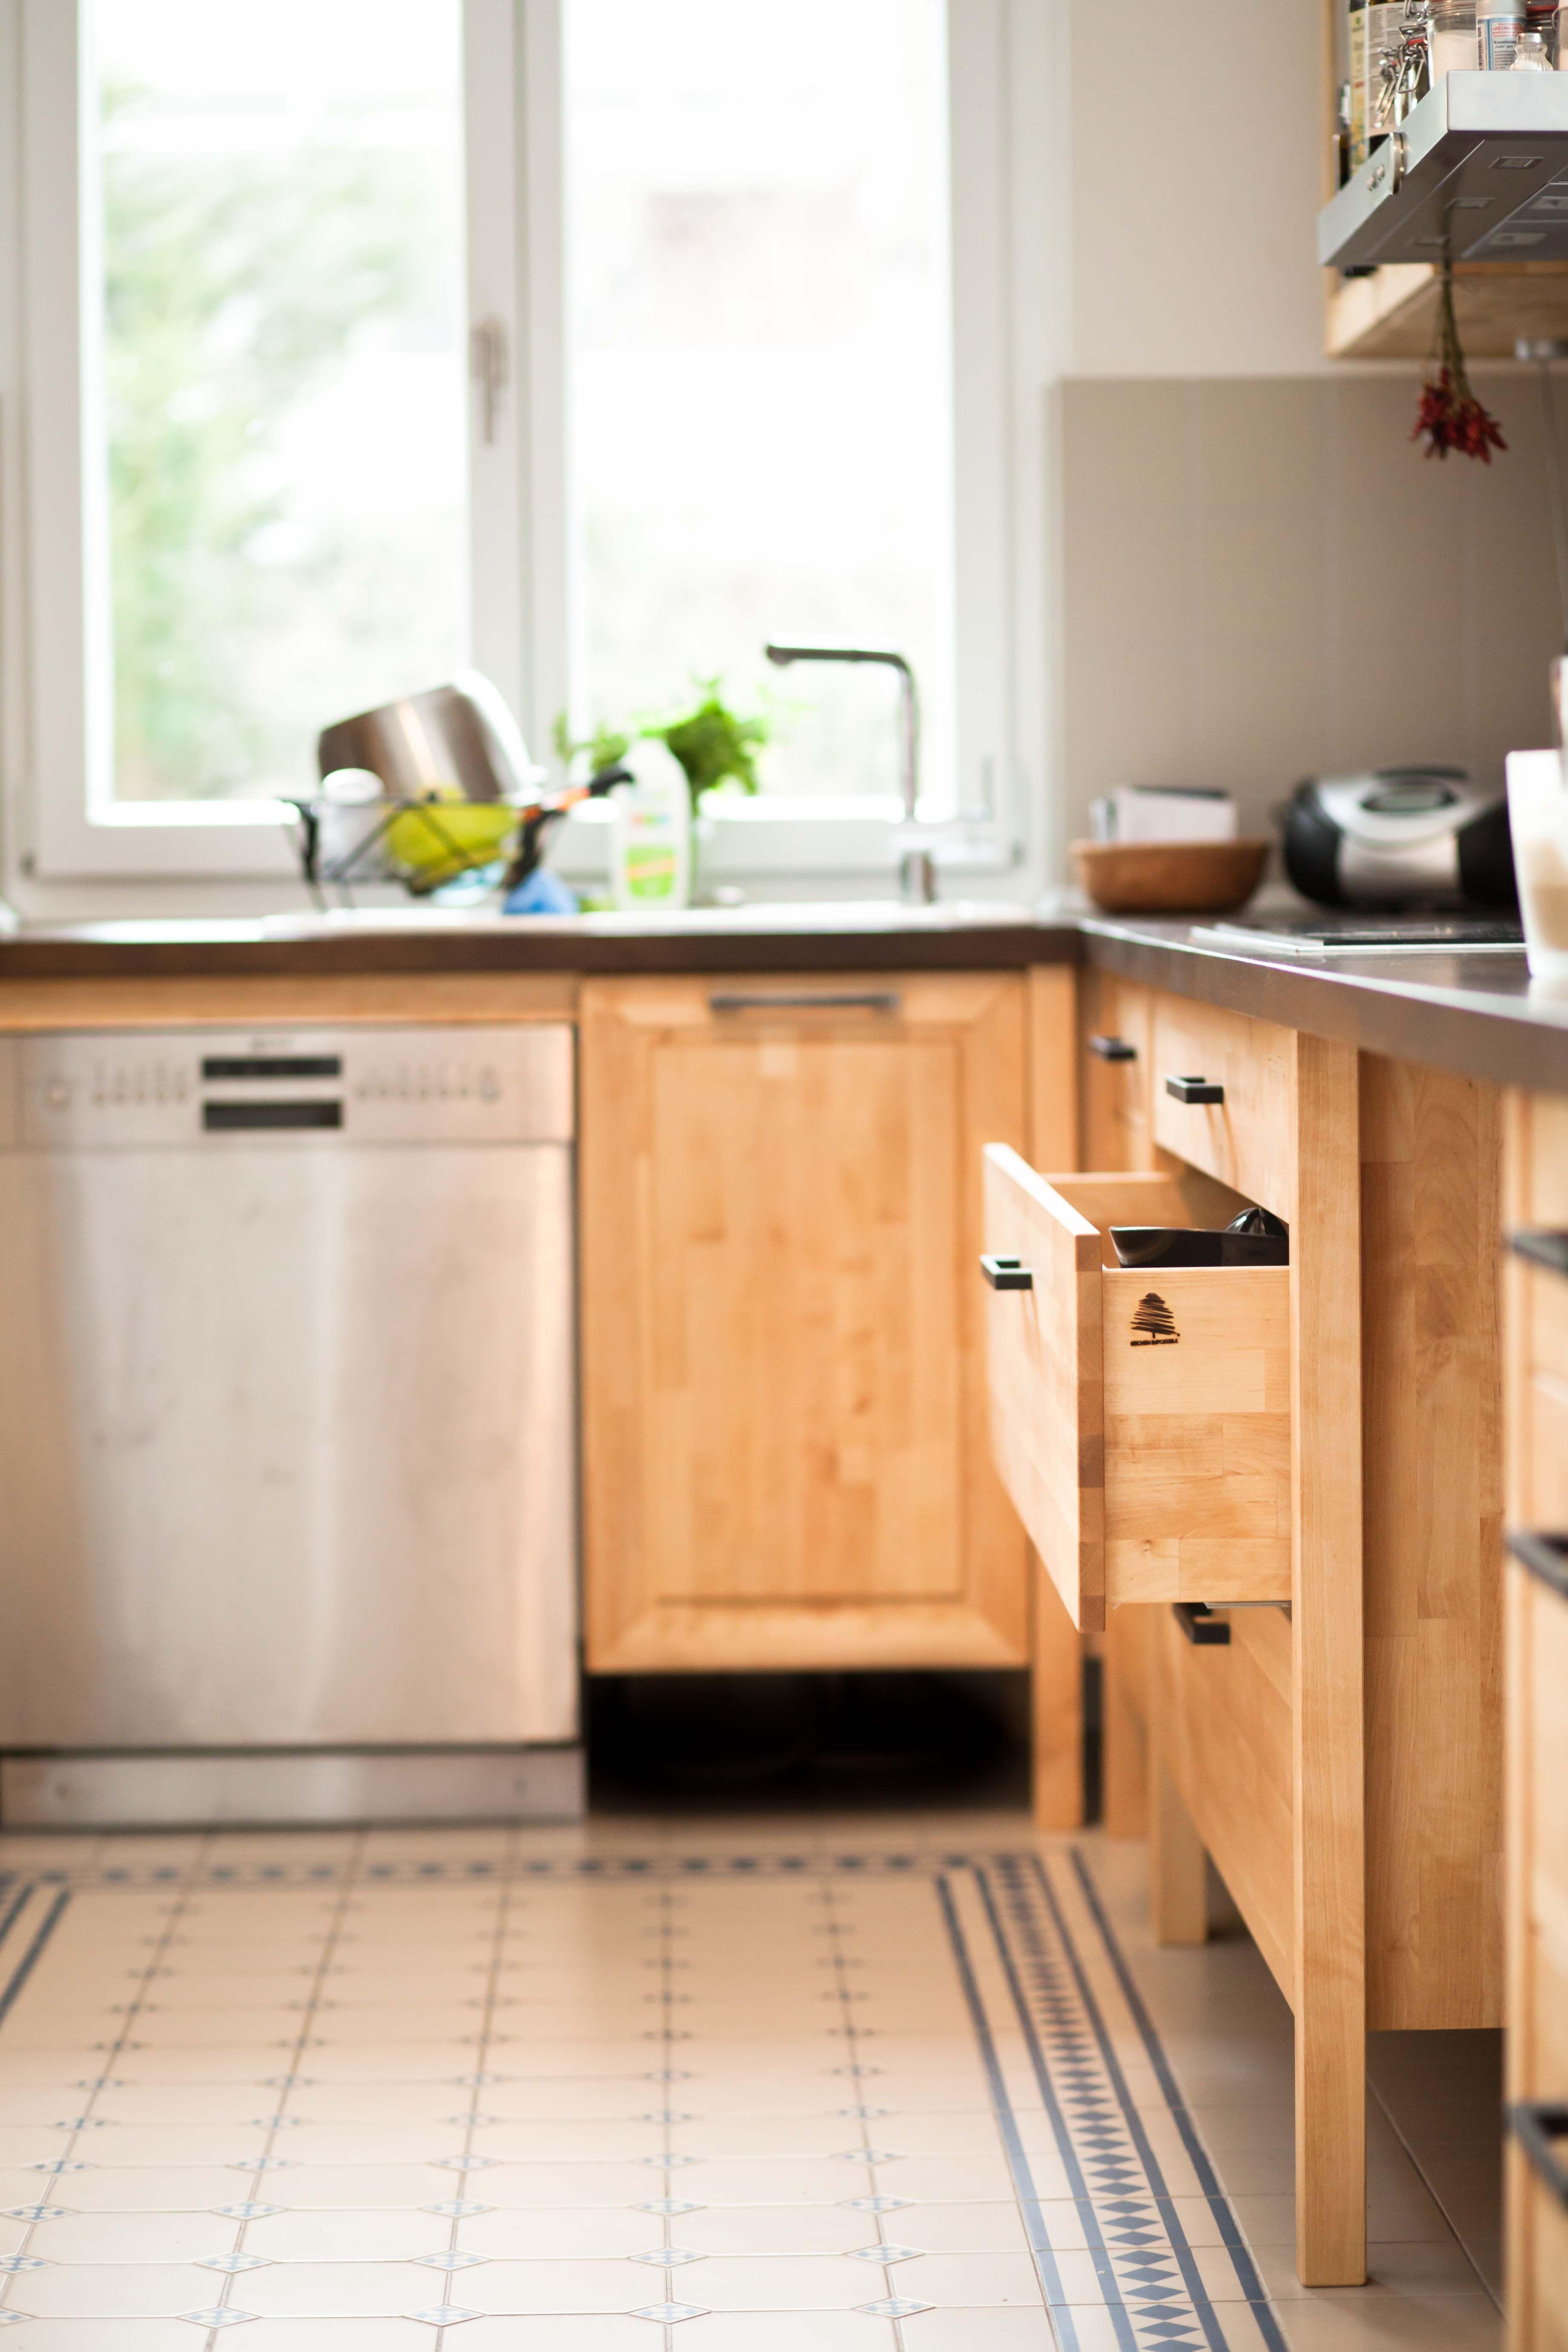 massivholzk che echtholzk che sch ne k chenidee diese k che haben sich die kunden aus den. Black Bedroom Furniture Sets. Home Design Ideas